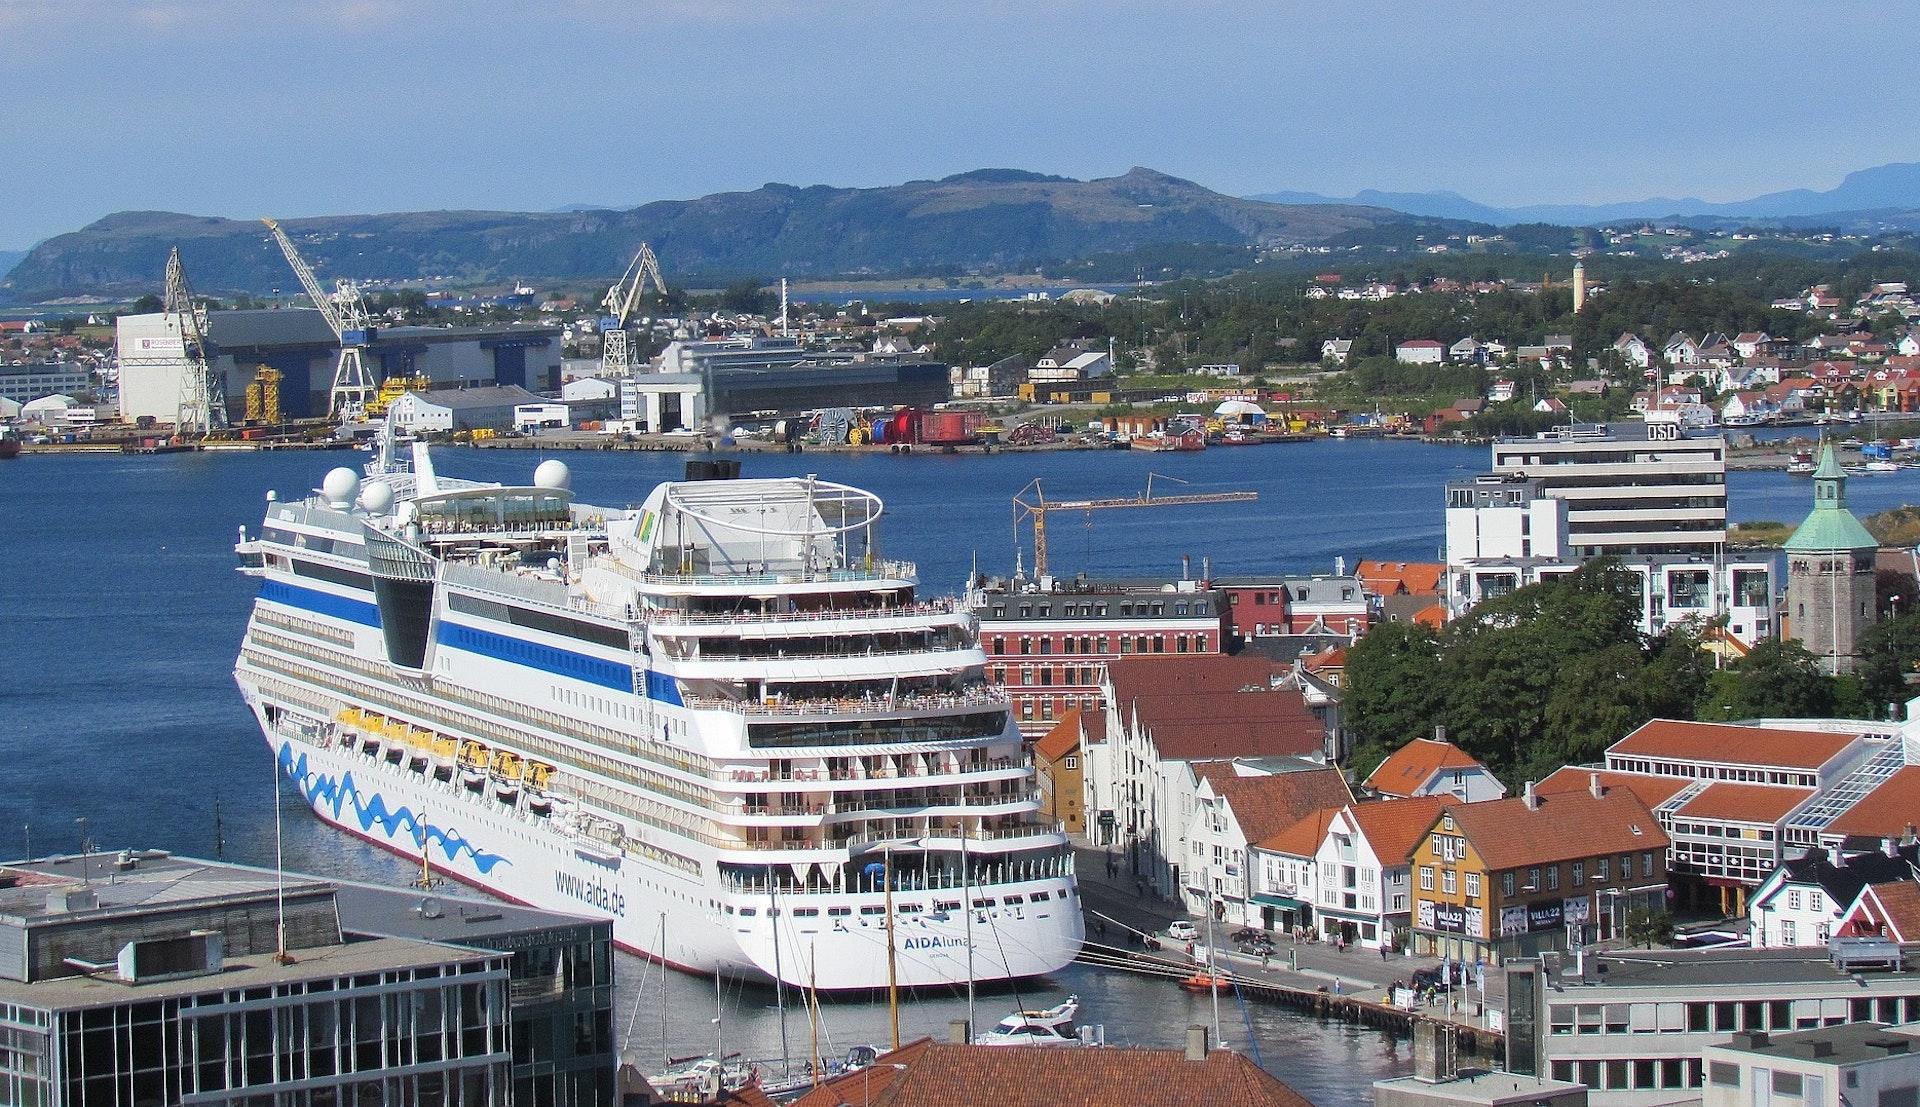 Cruiseskip i havn, Stavanger © Marie Schneider, Pixabay